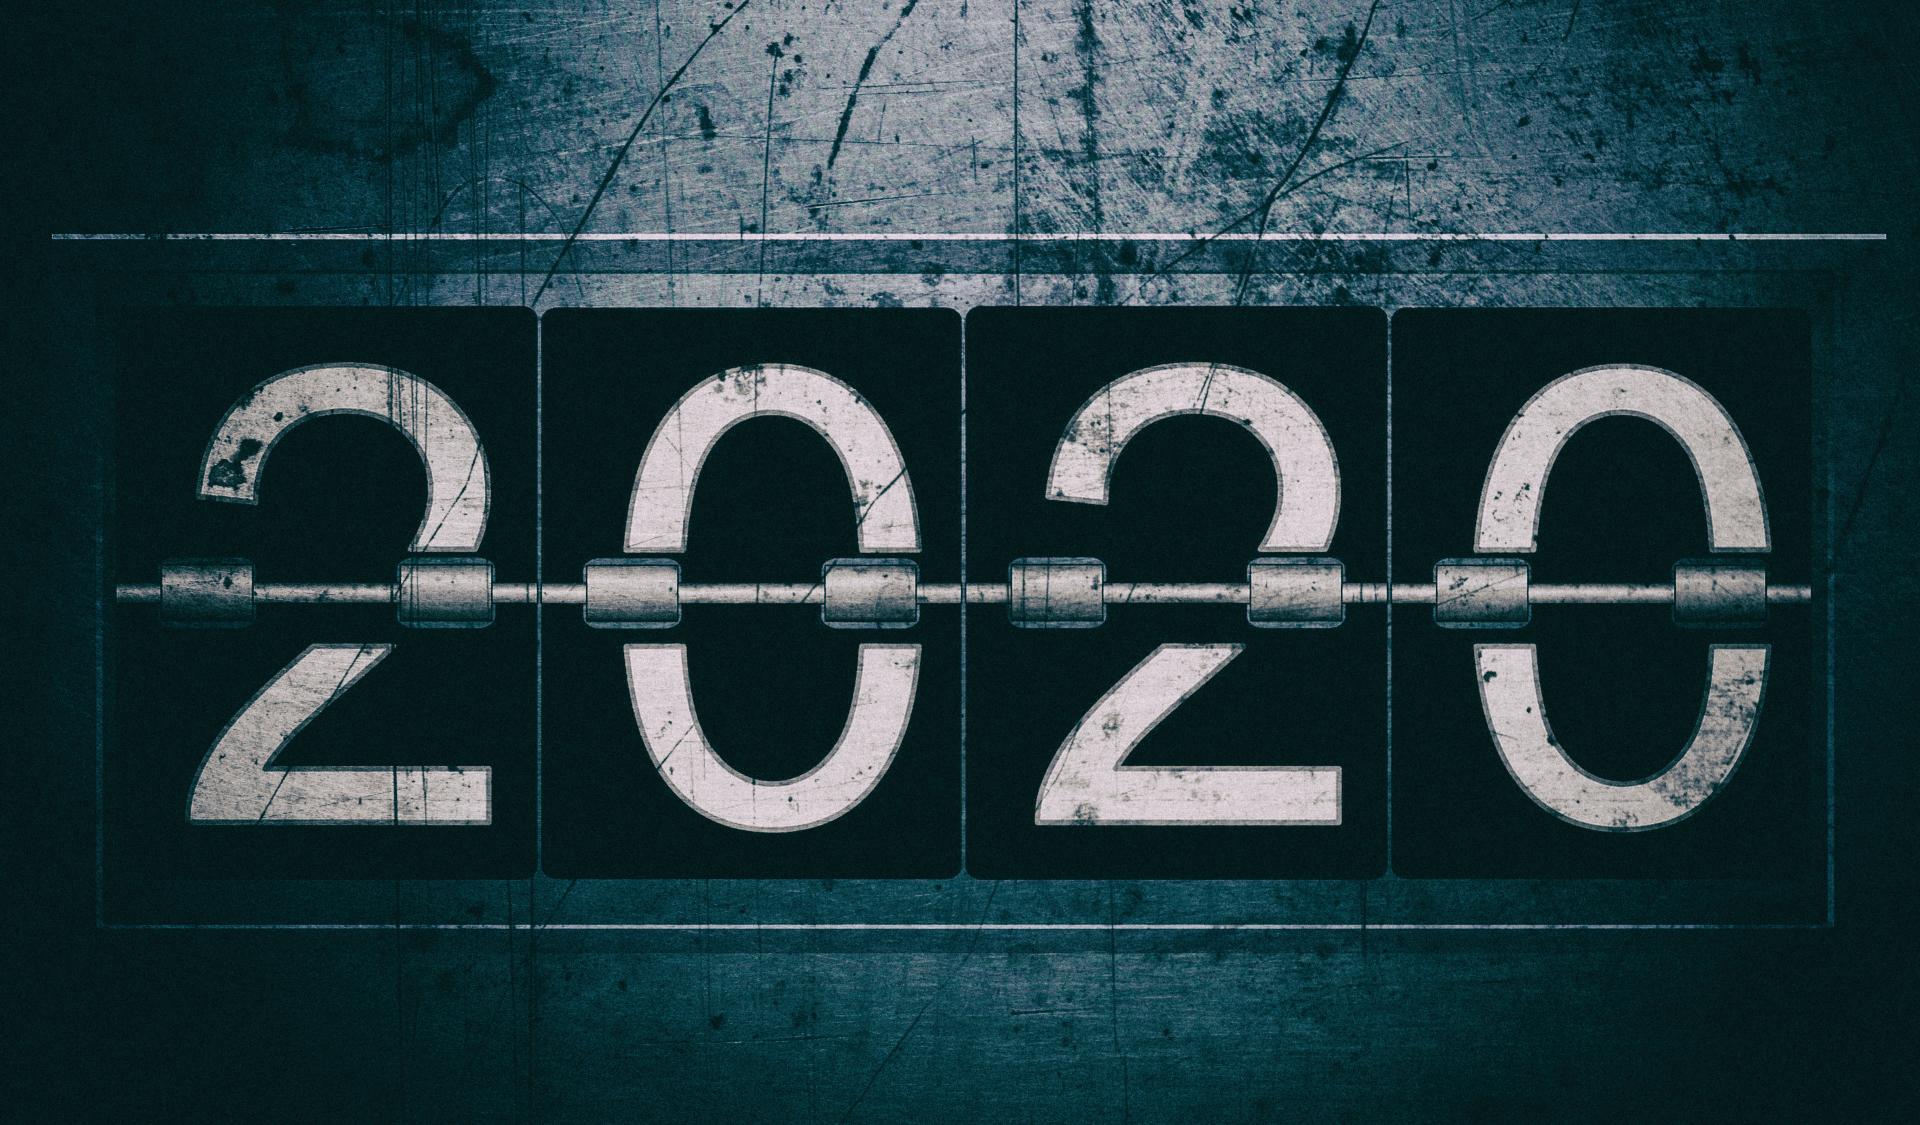 Хаос 2020 года был предсказан учеными еще десять лет назад